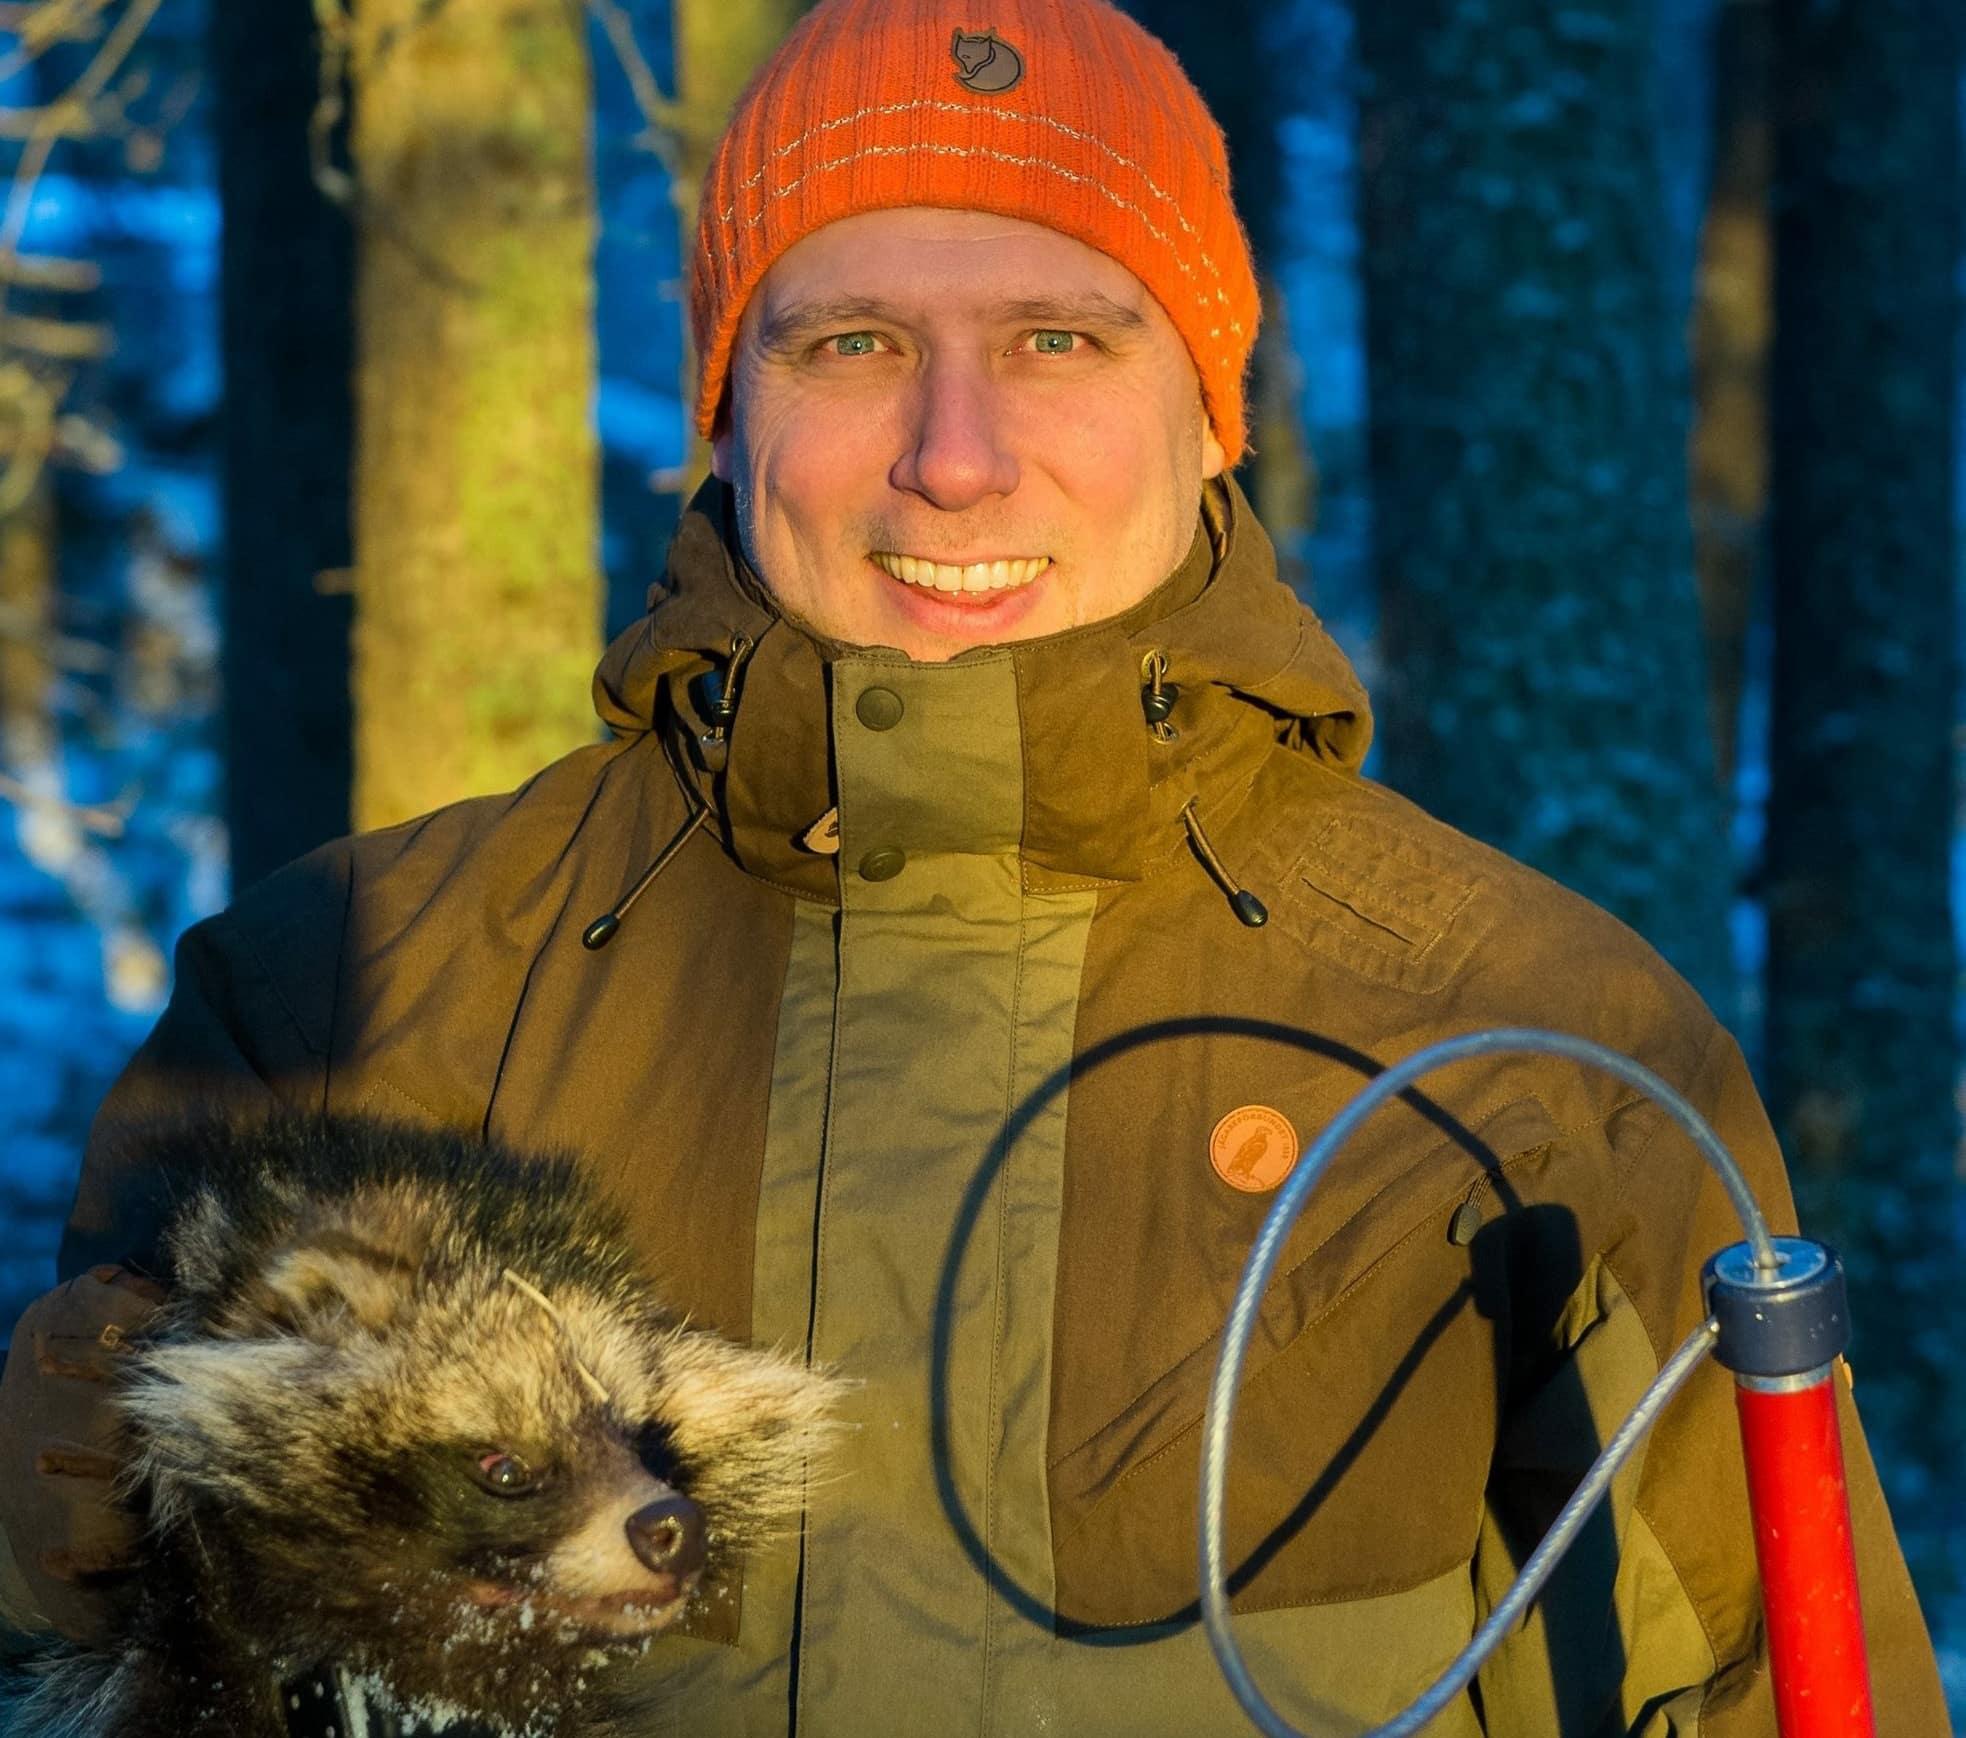 P-A Åhlén, projektledare i Mårdhundsprojektet.